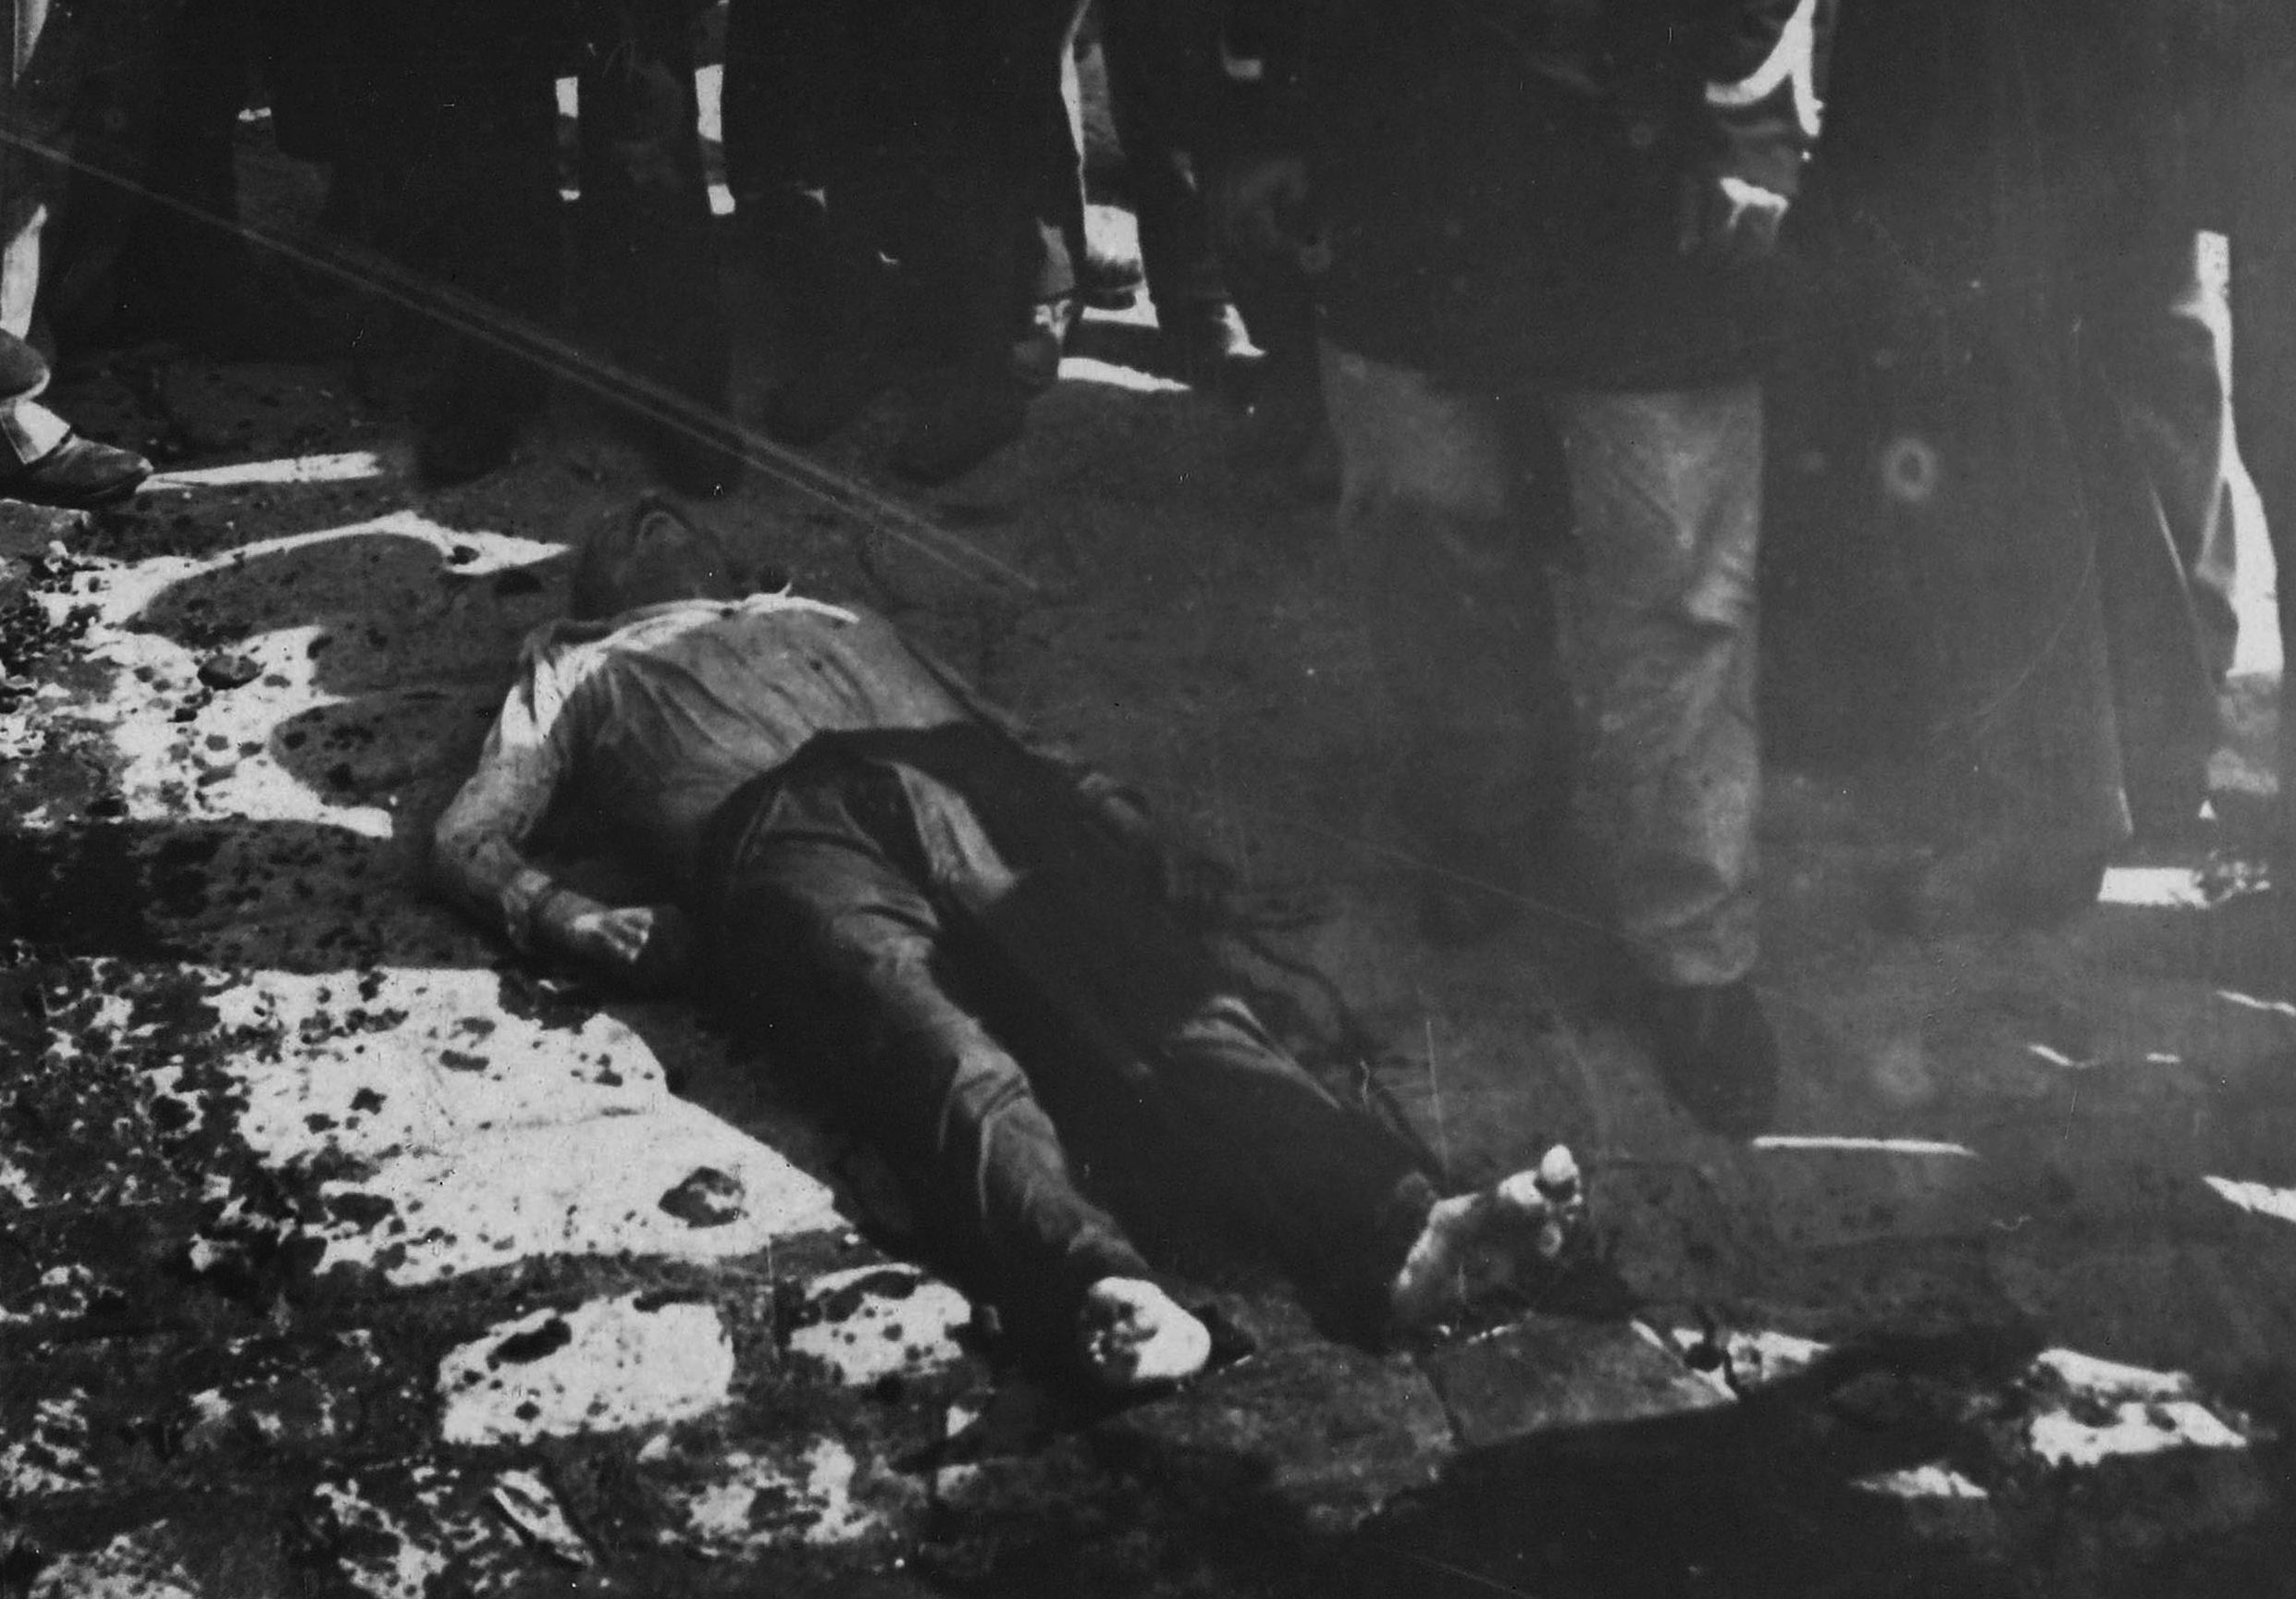 """Guerre 1914-1918. Paris. La Seine et ses berges. """"Berge de la Seine. Drame de la misËre, 3e partie. Il gÓt sur la berge"""". Photographie de Charles Lansiaux (1855-1939). BibliothËque historique de la Ville de Paris."""